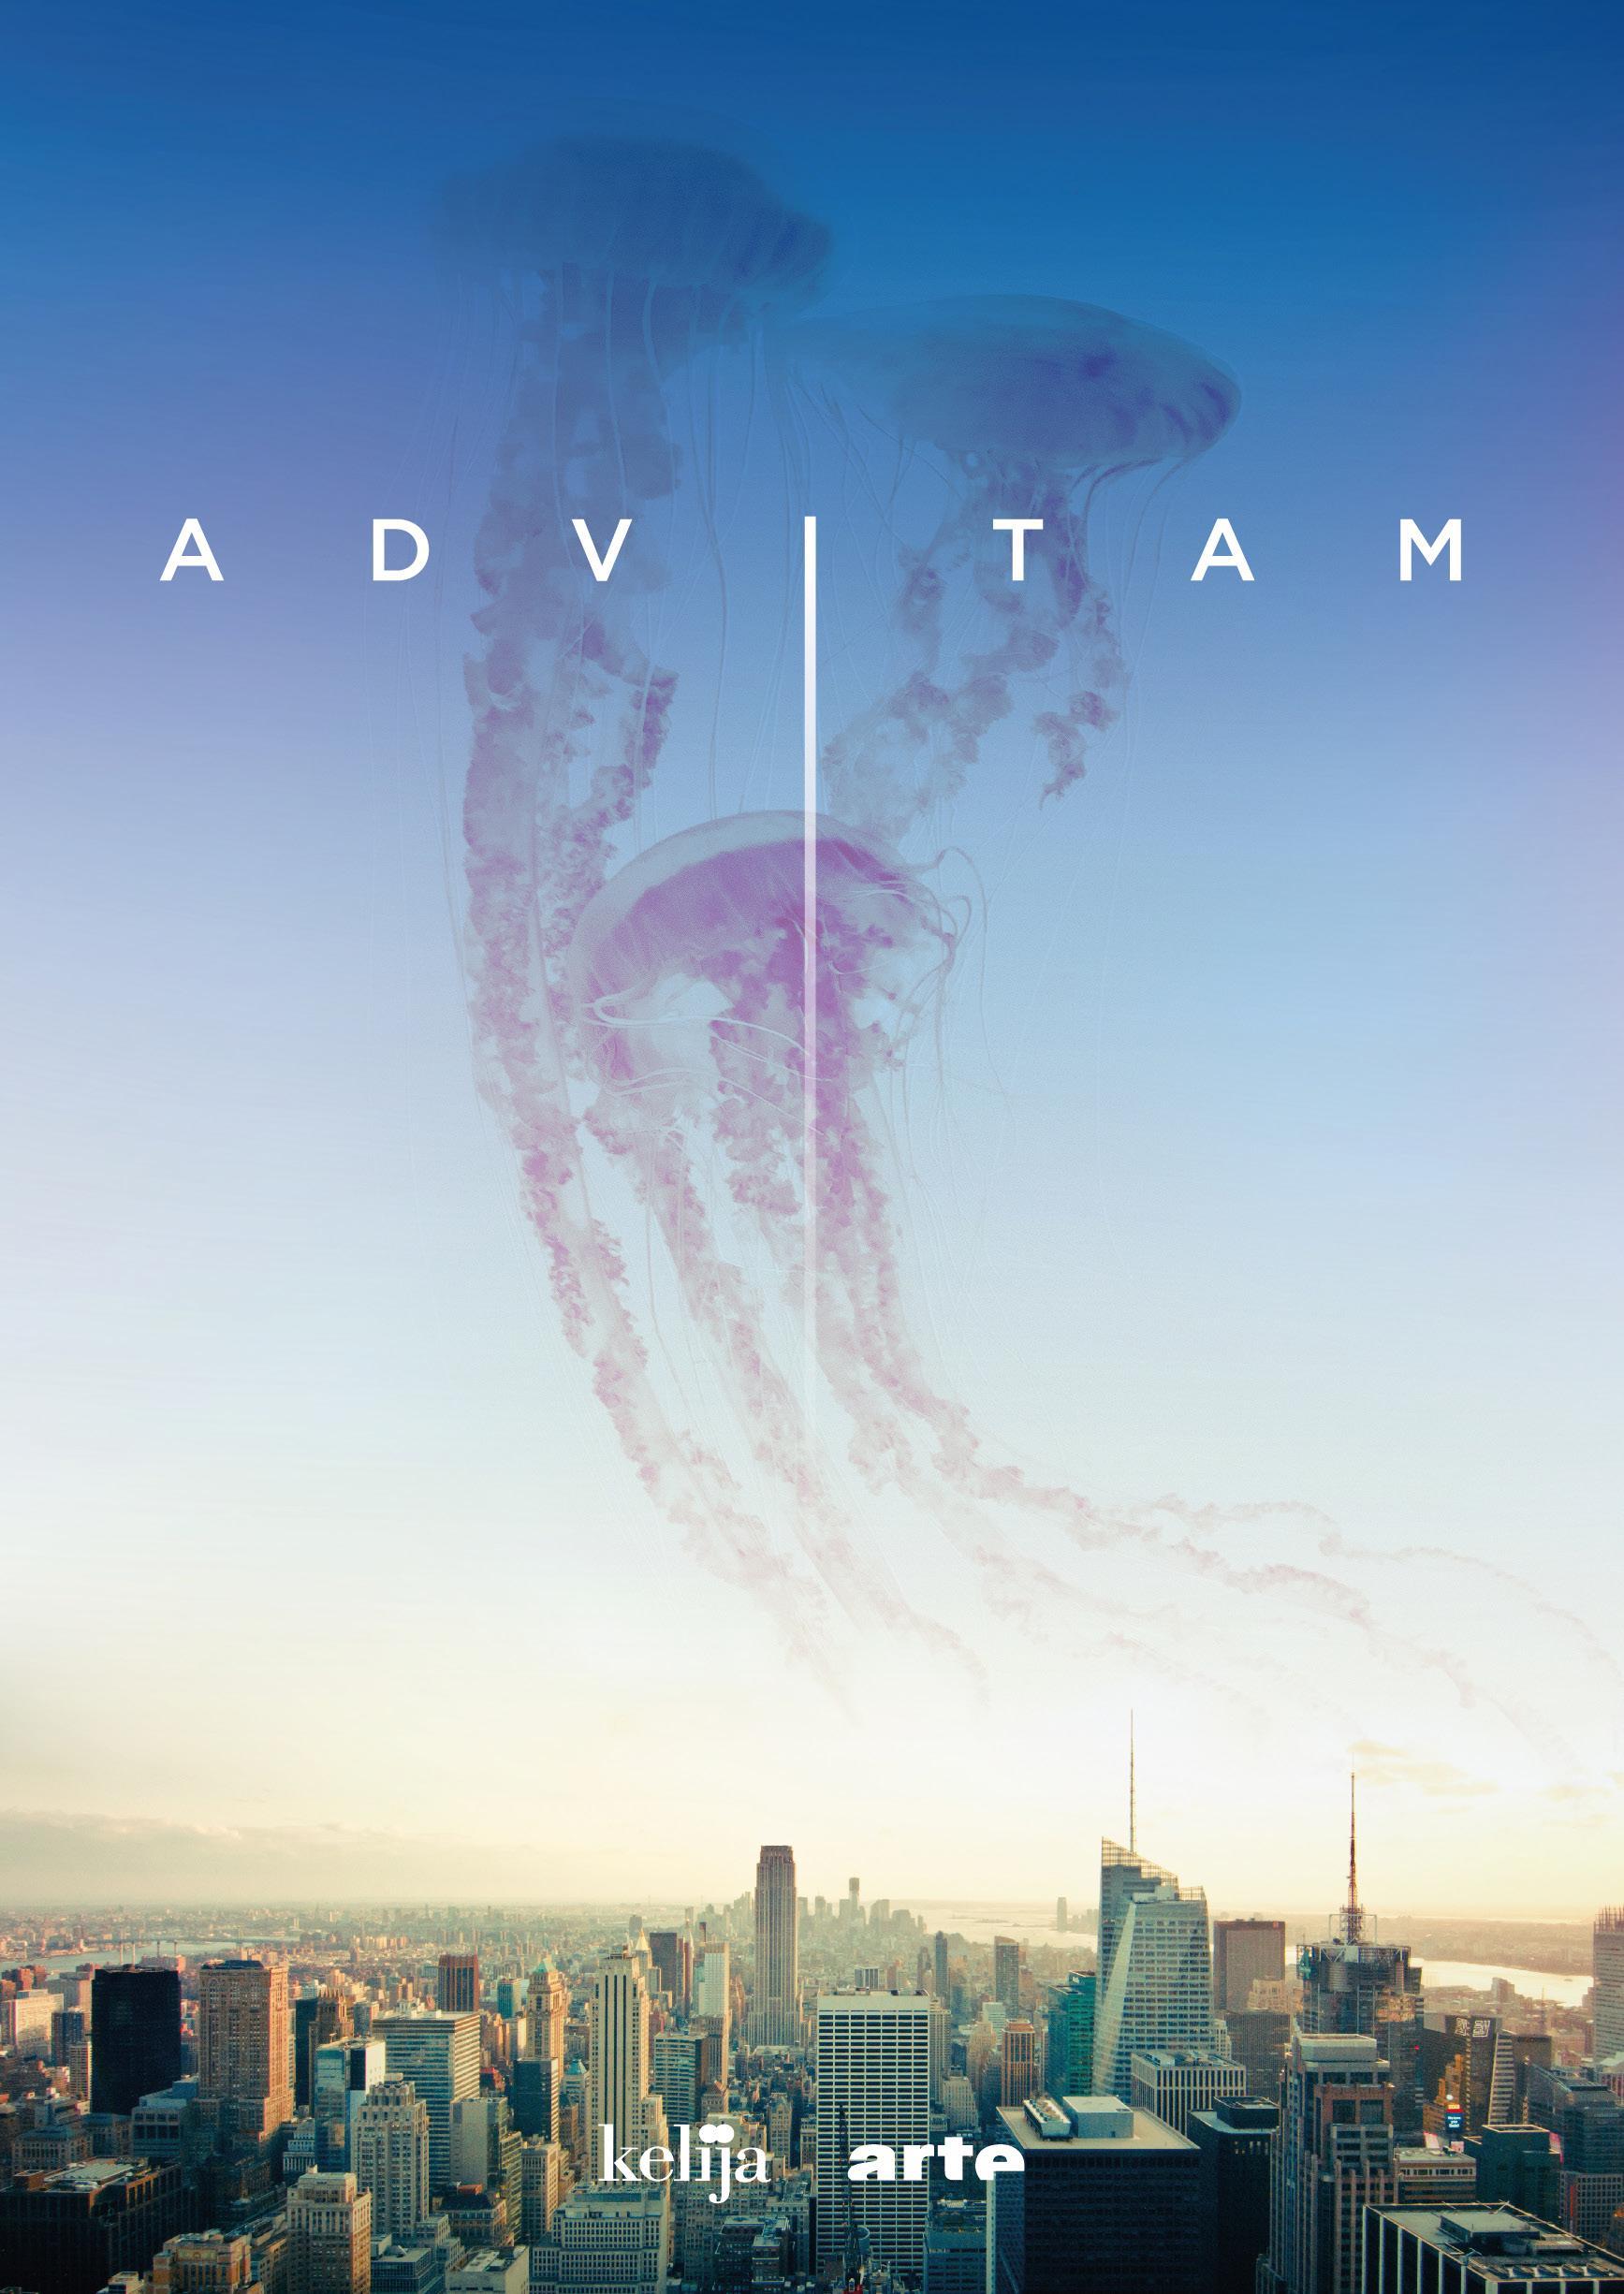 GYVENIMAS ATEITYJE (1 Sezonas) / AD VITAM Season 1